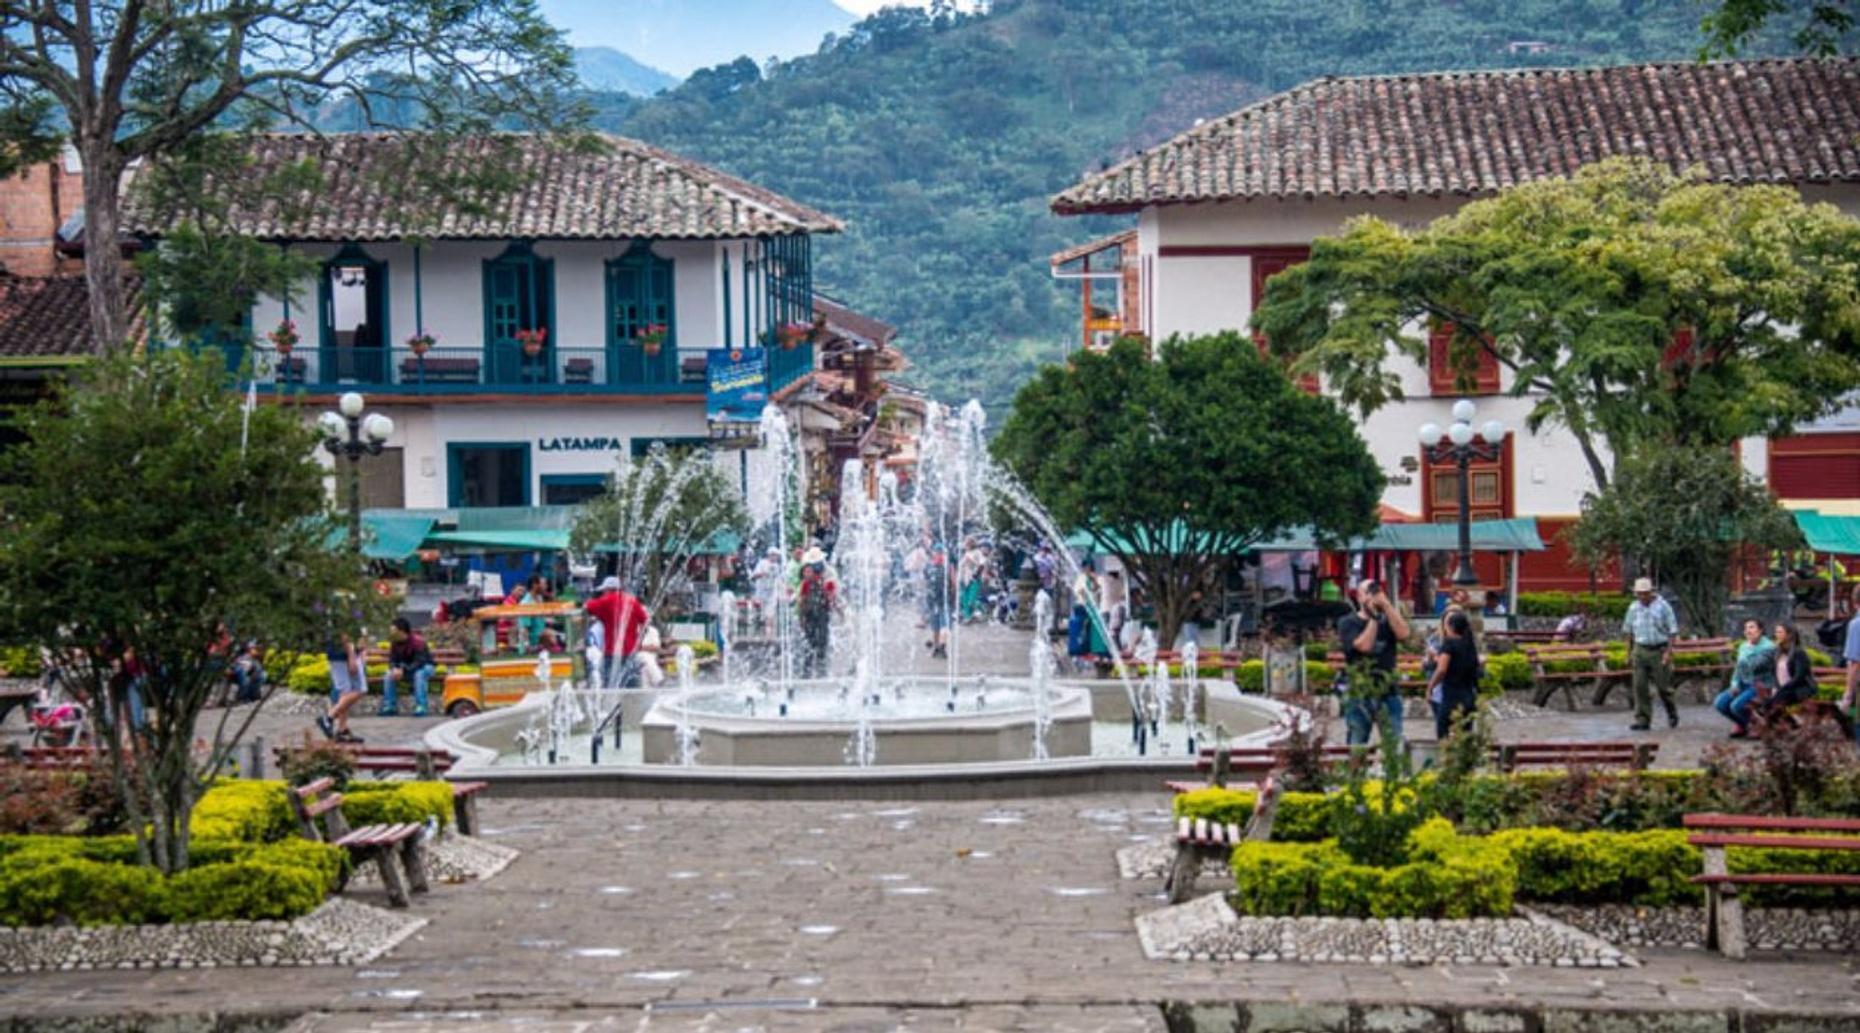 Medellin Culture & History Tour